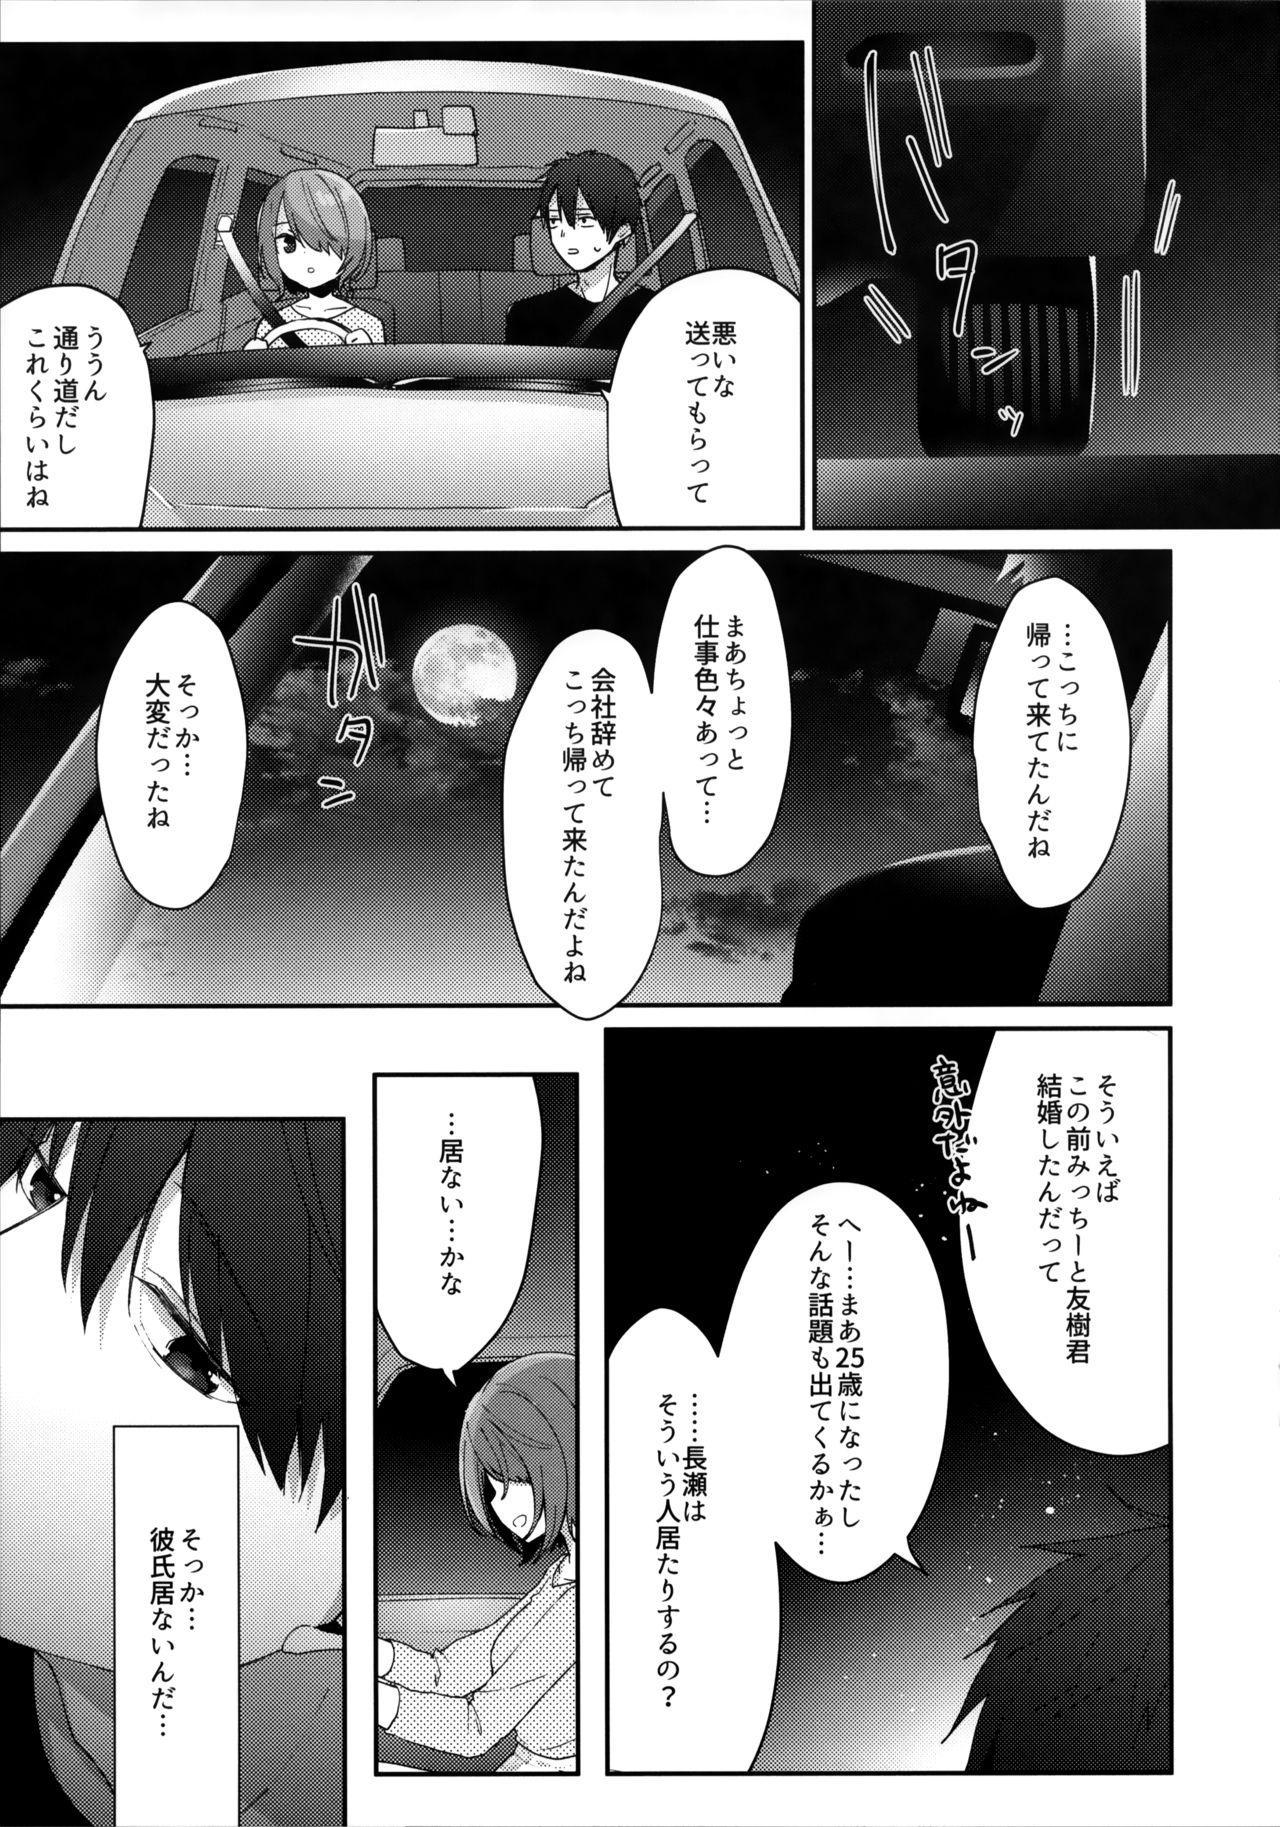 Otonashikatta Motokano ga Ecchi ni Sekkyokutekisugiru. 5